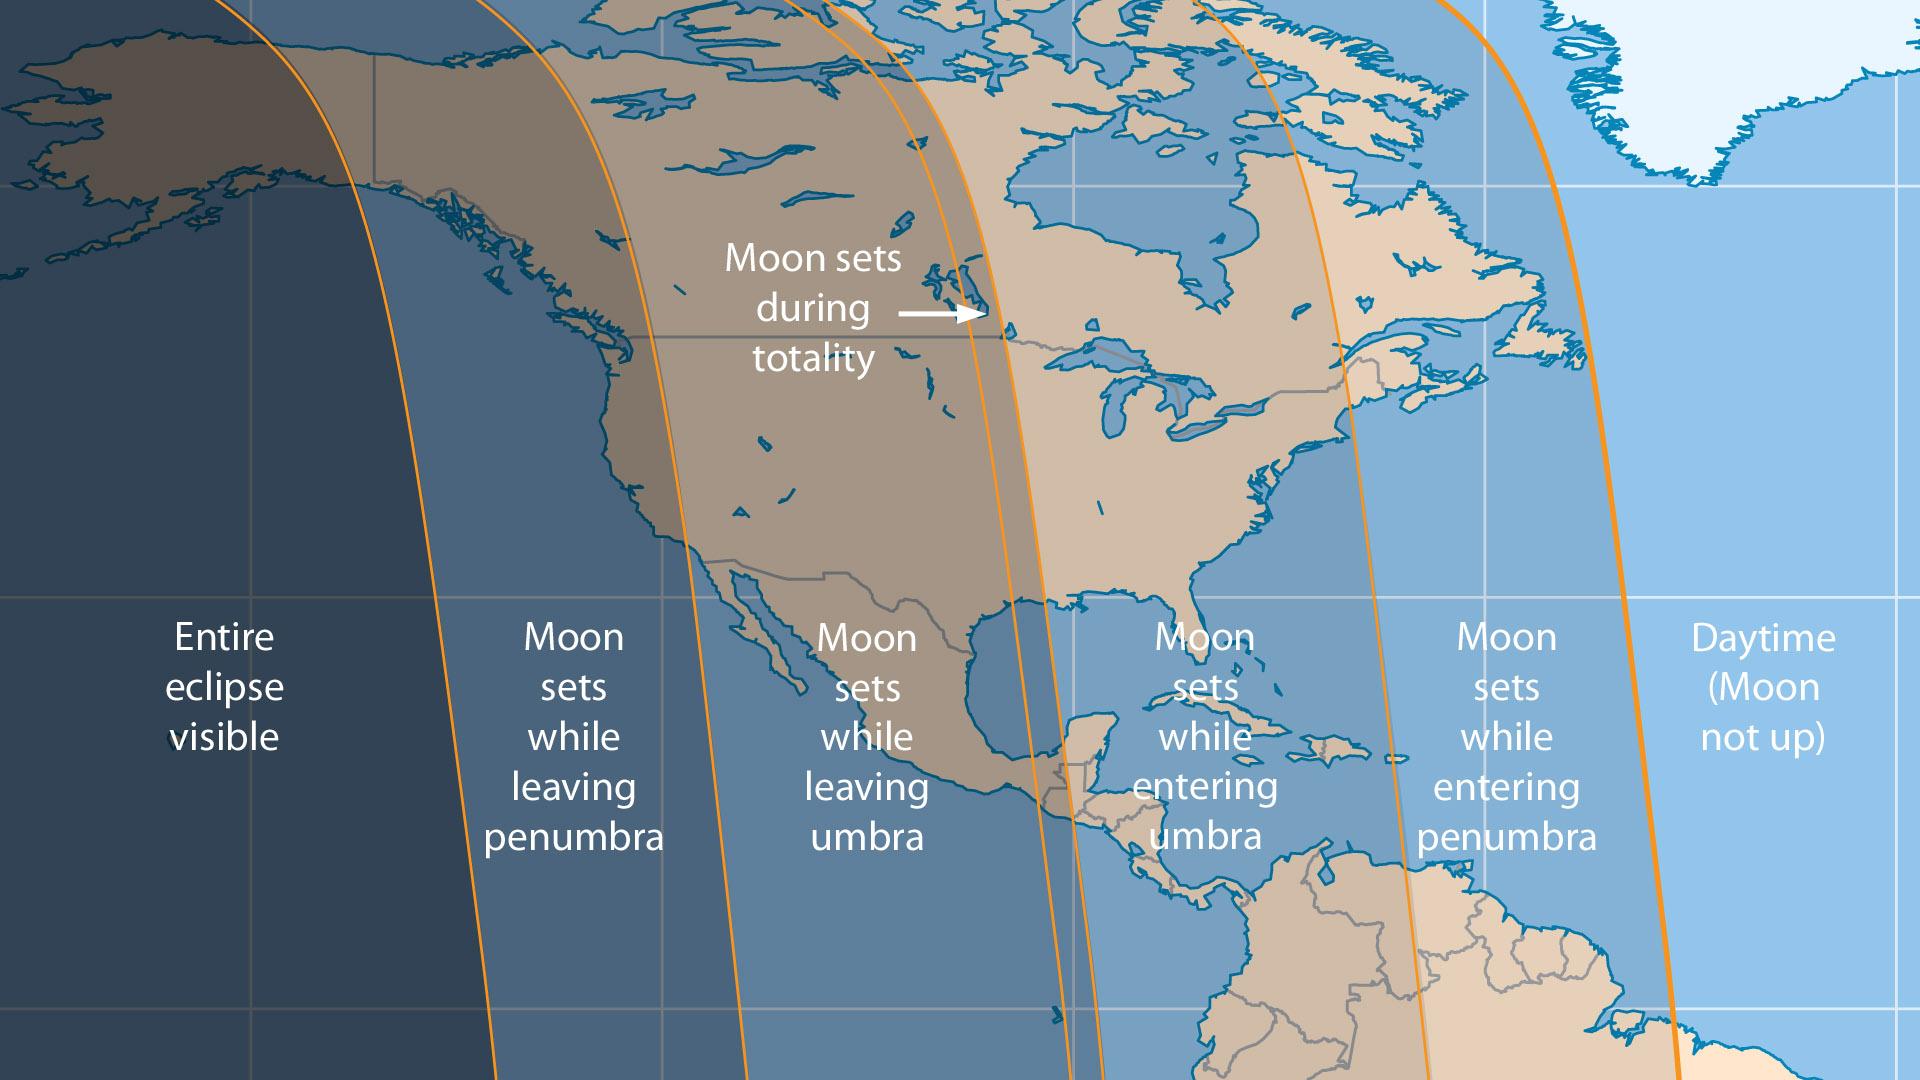 April 2015 lunar eclipse visiblity